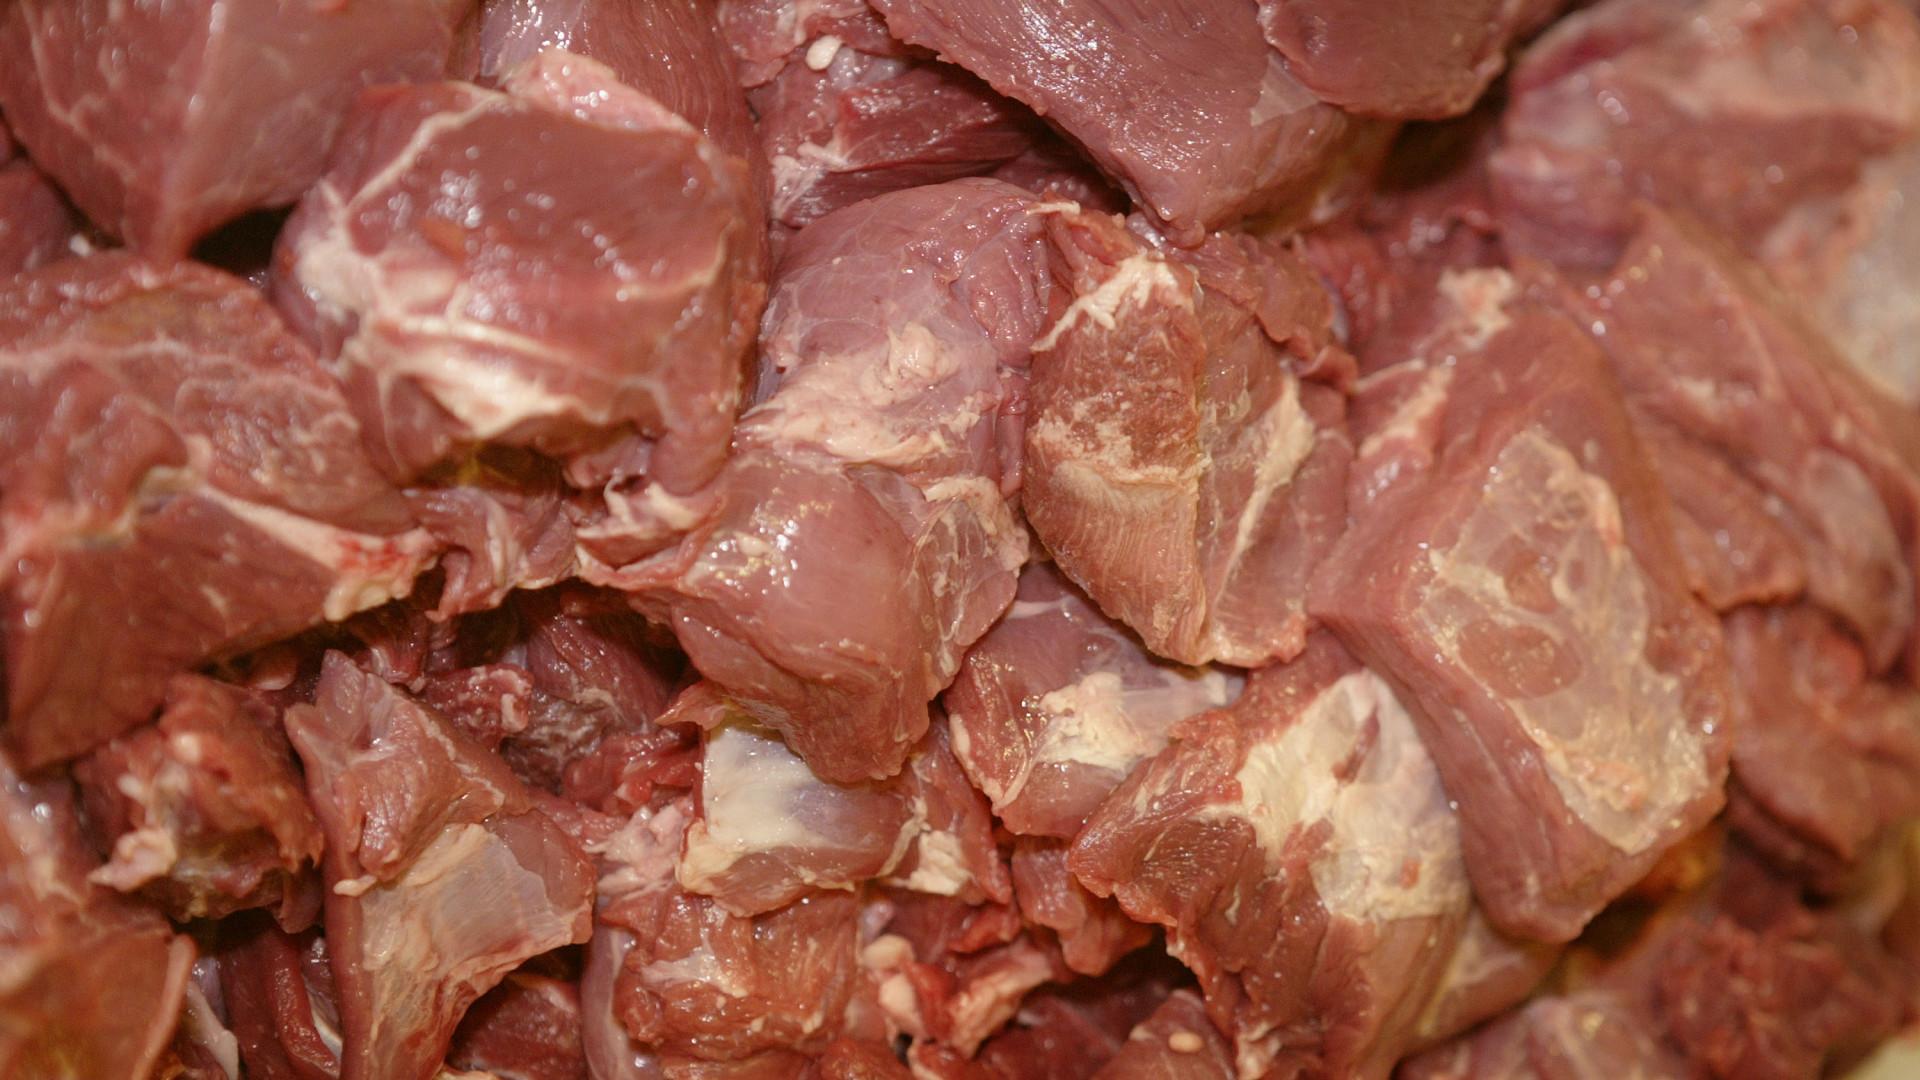 Autoridades moçambicanas incineram carne suspeita de contaminação